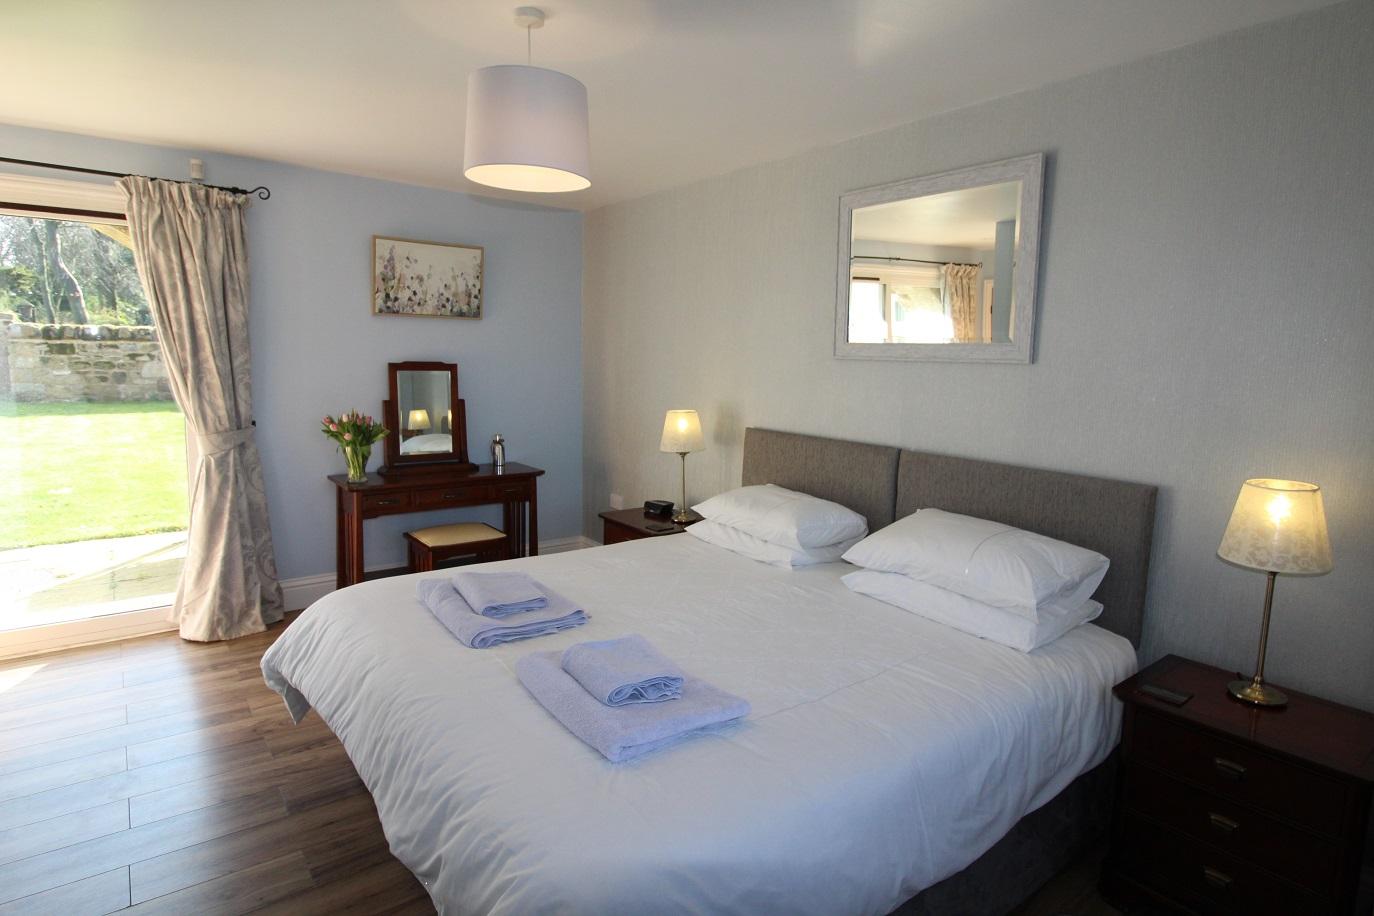 Briarhill - Master Bedroom